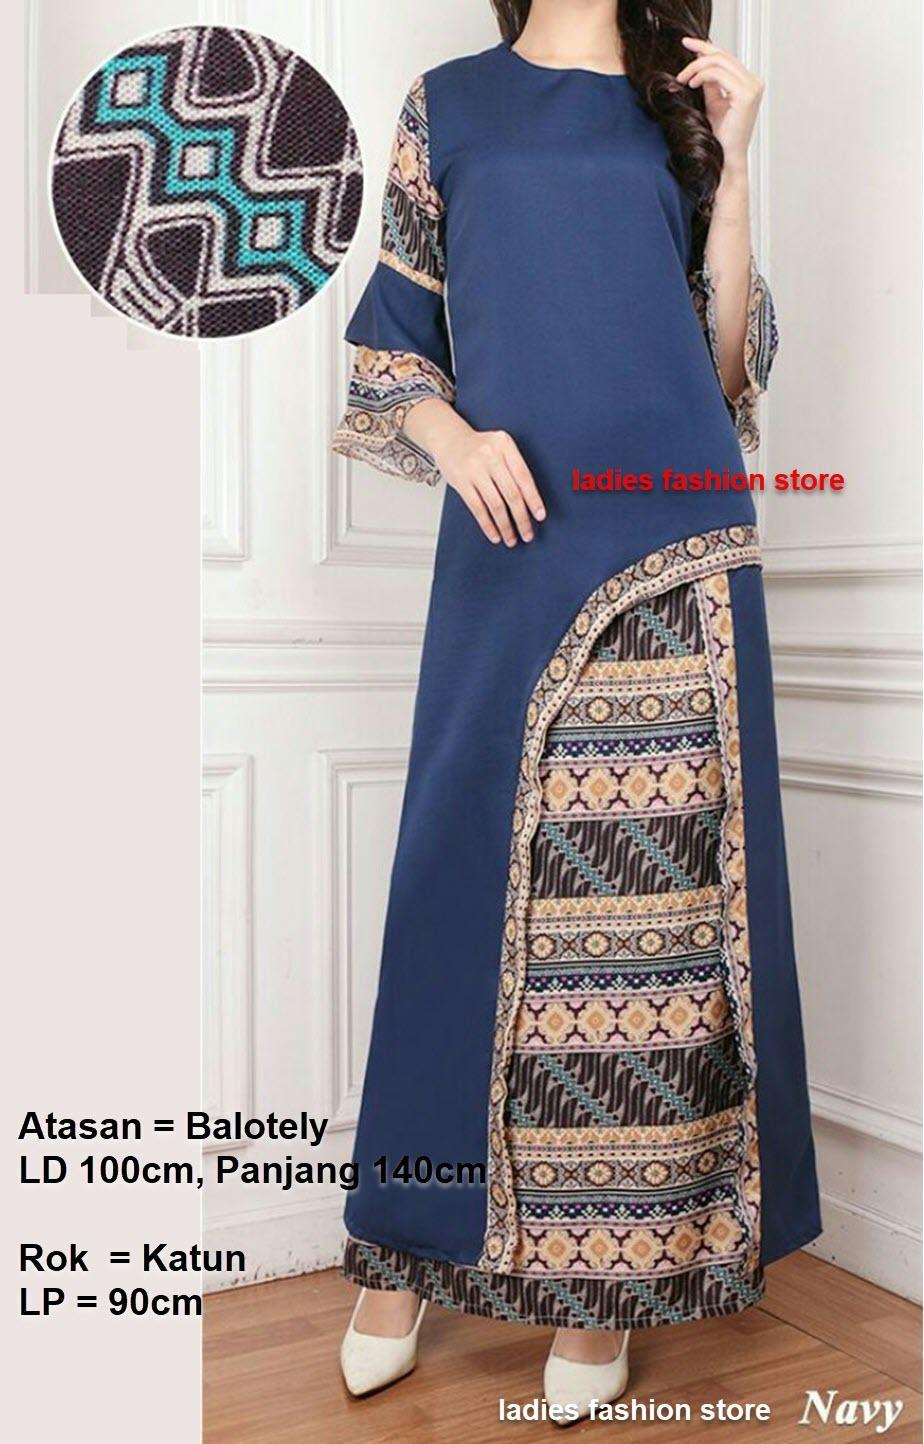 Setelan Gaun Batik Wanita Lengan Panjang / Baju Dress Gamis / Hijab Murah Berkualitas Gamis Model Baru Tahun 2018  / Set Muslim / Batik Murah / Batik Muslimah / Setelan Batik Wanita / Batik Panjang  / Stelan Baju Dan Rok Muslim Muslimah AK (renamo) – NAVY